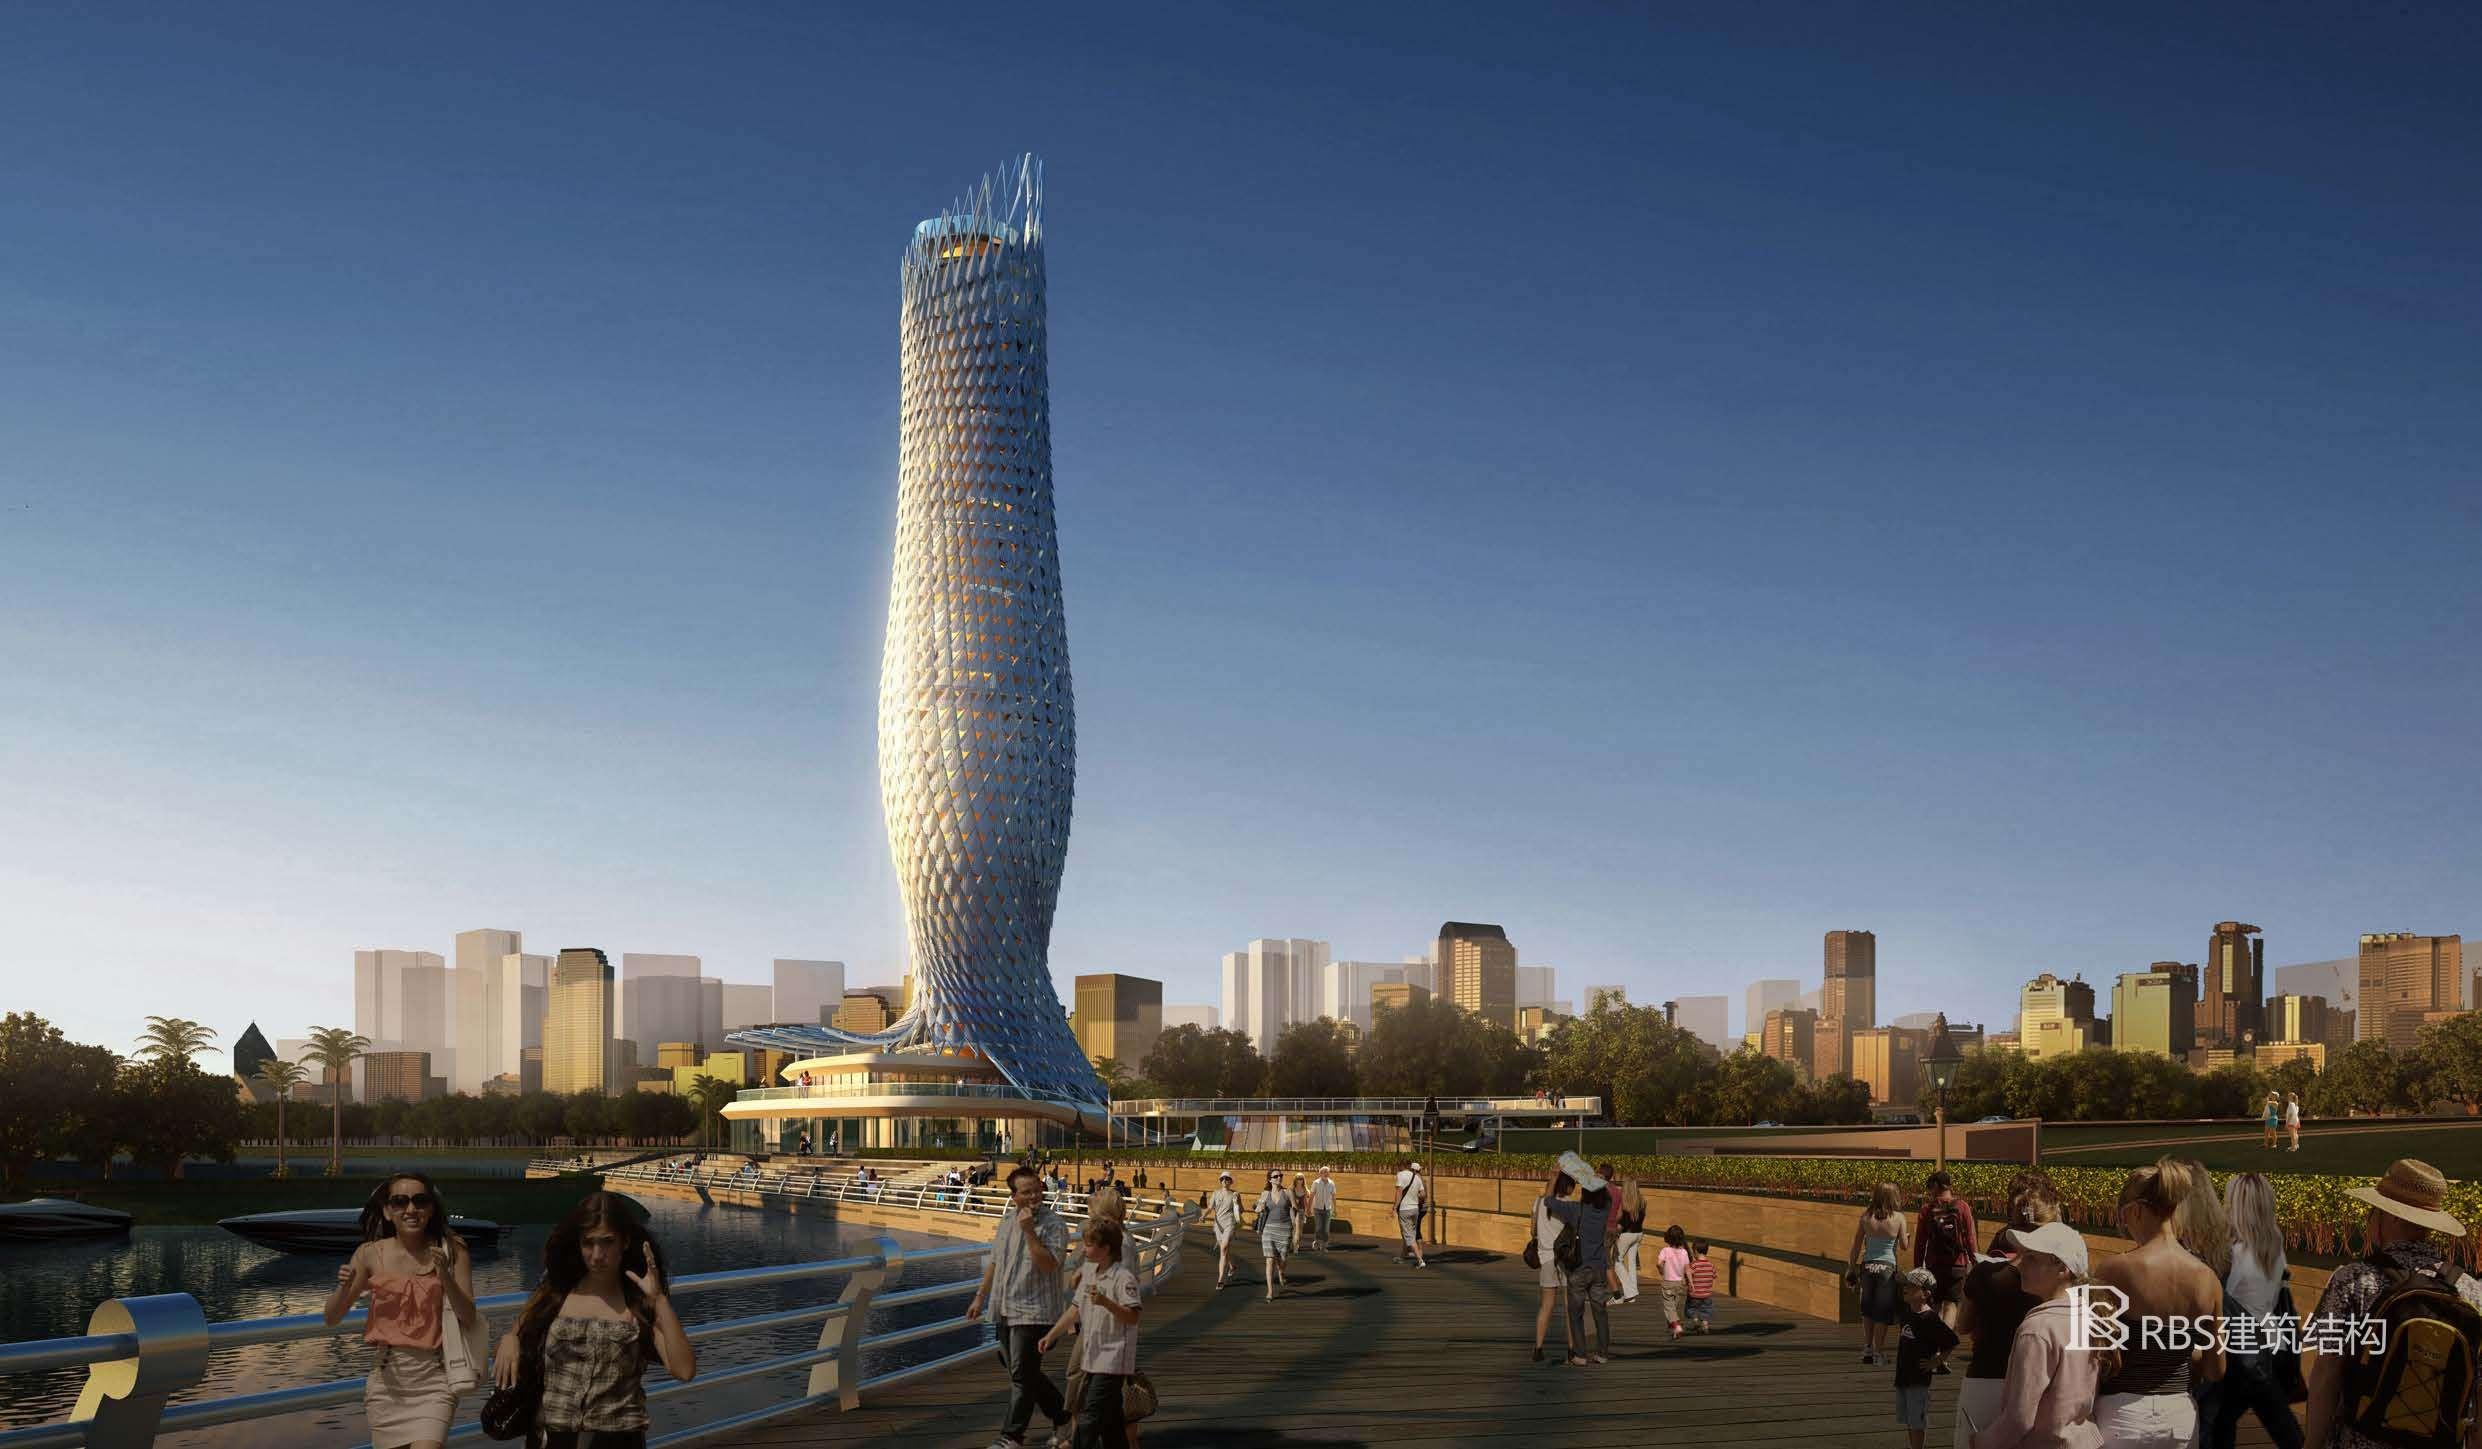 珠海斗门旅游发展中心景观塔项目